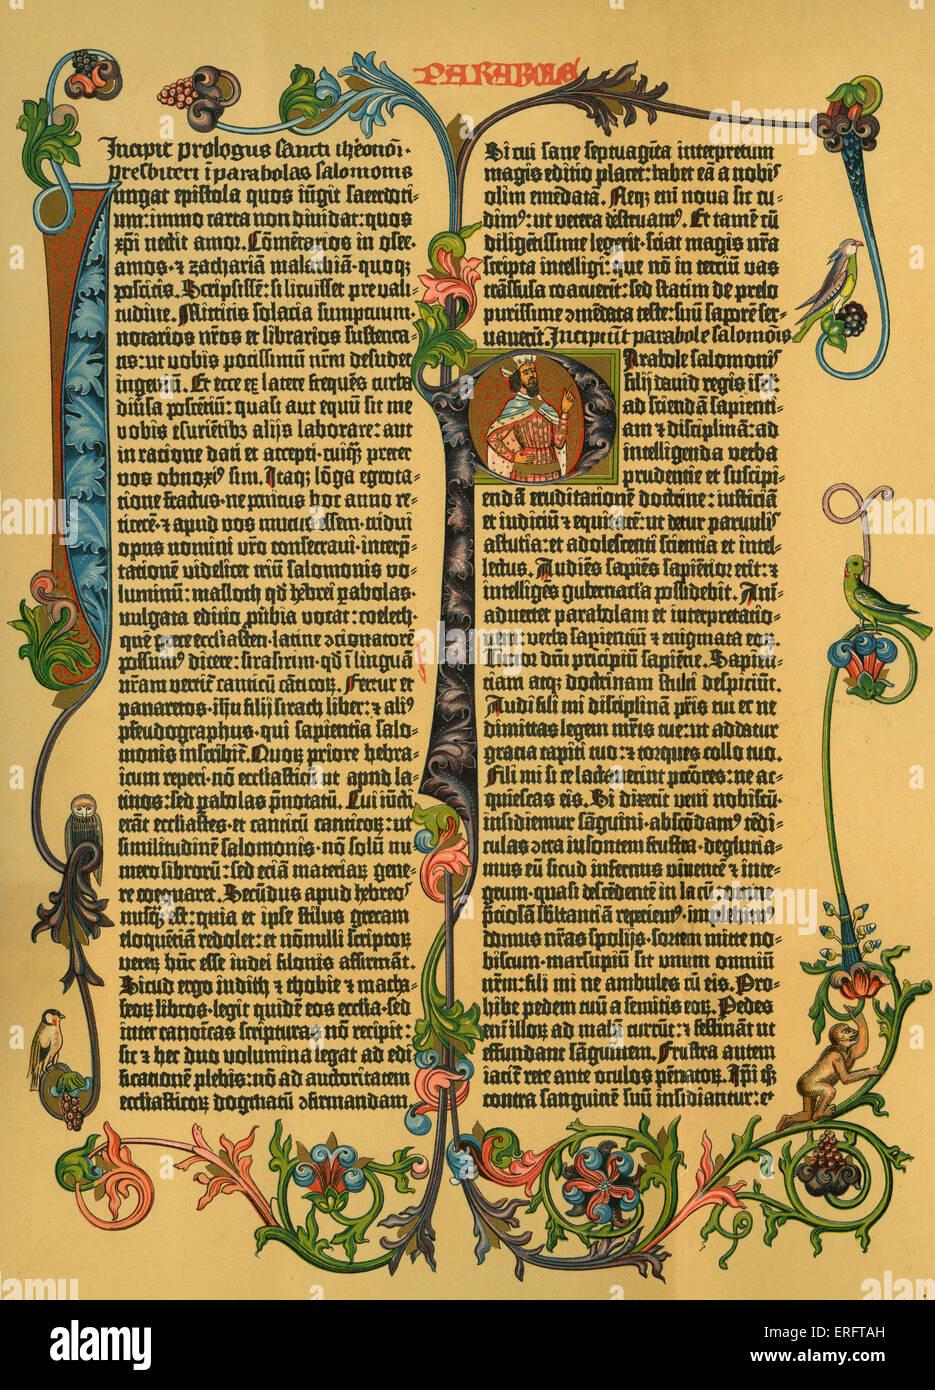 """Commentaire de Solomon's """"paraboles"""" de Gutenberg bible latine, ch. 1453 -1456. Photo Stock"""